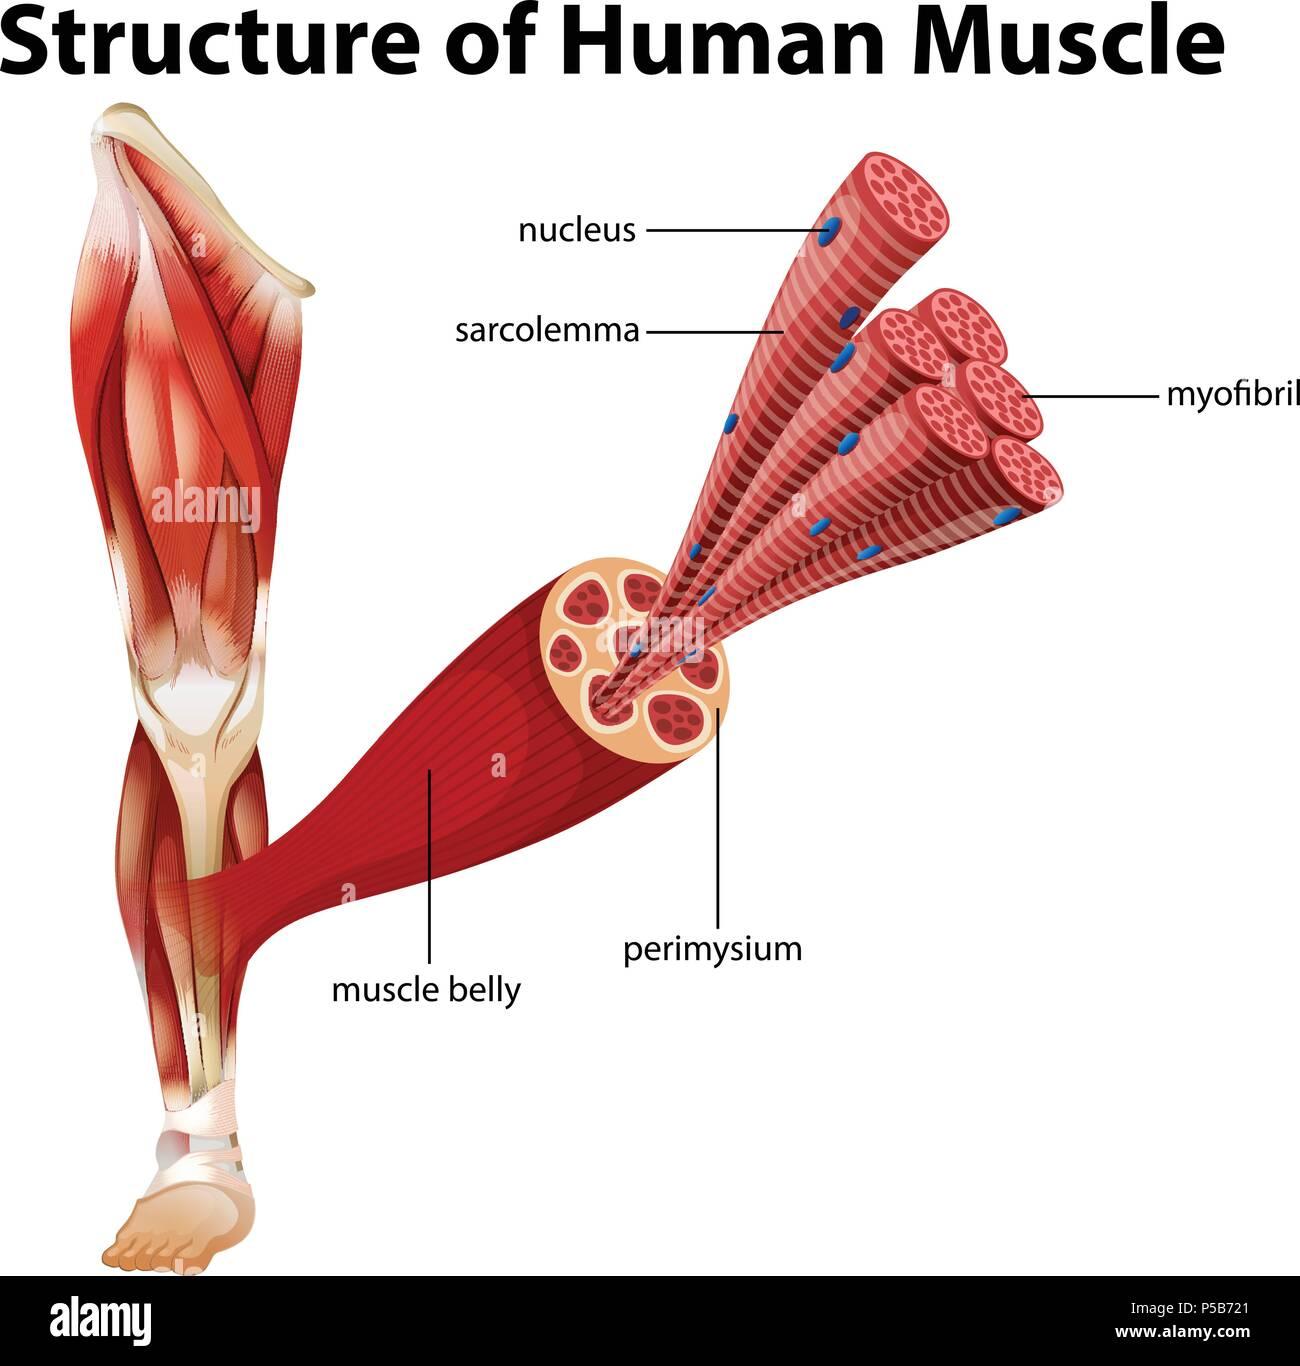 Una estructura de músculo humano ilustración Imagen De Stock